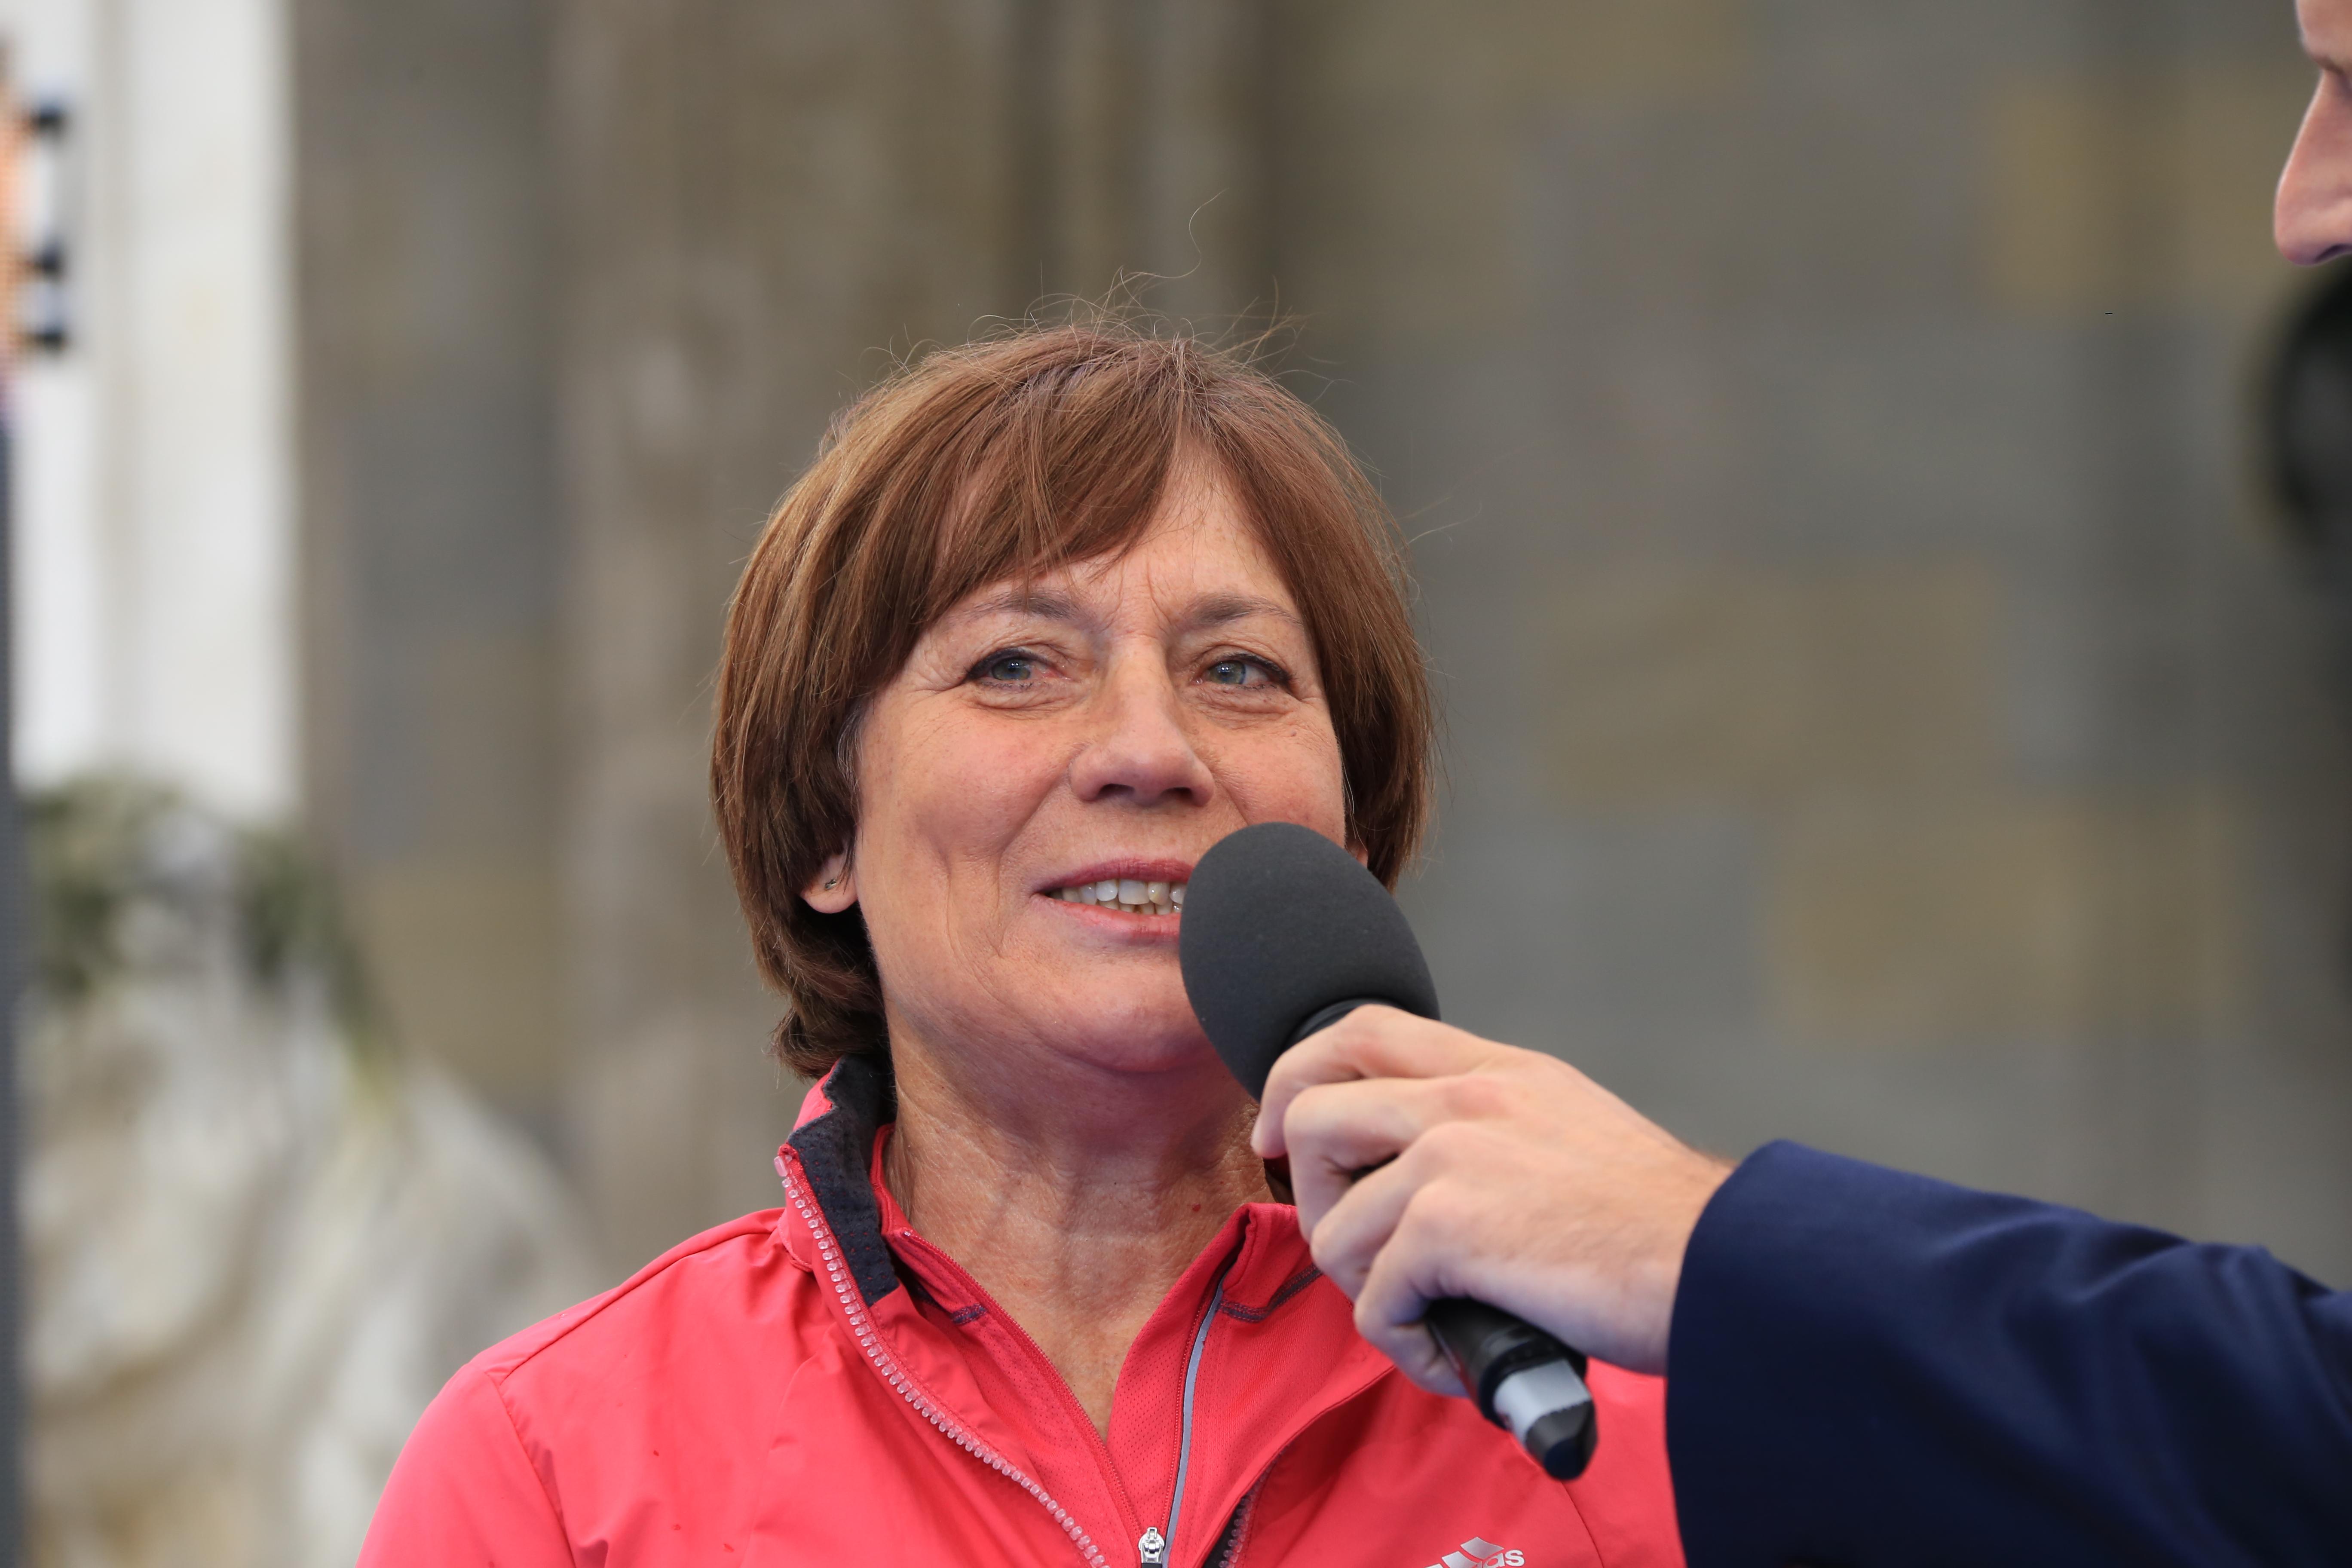 Rosie Mittermeier